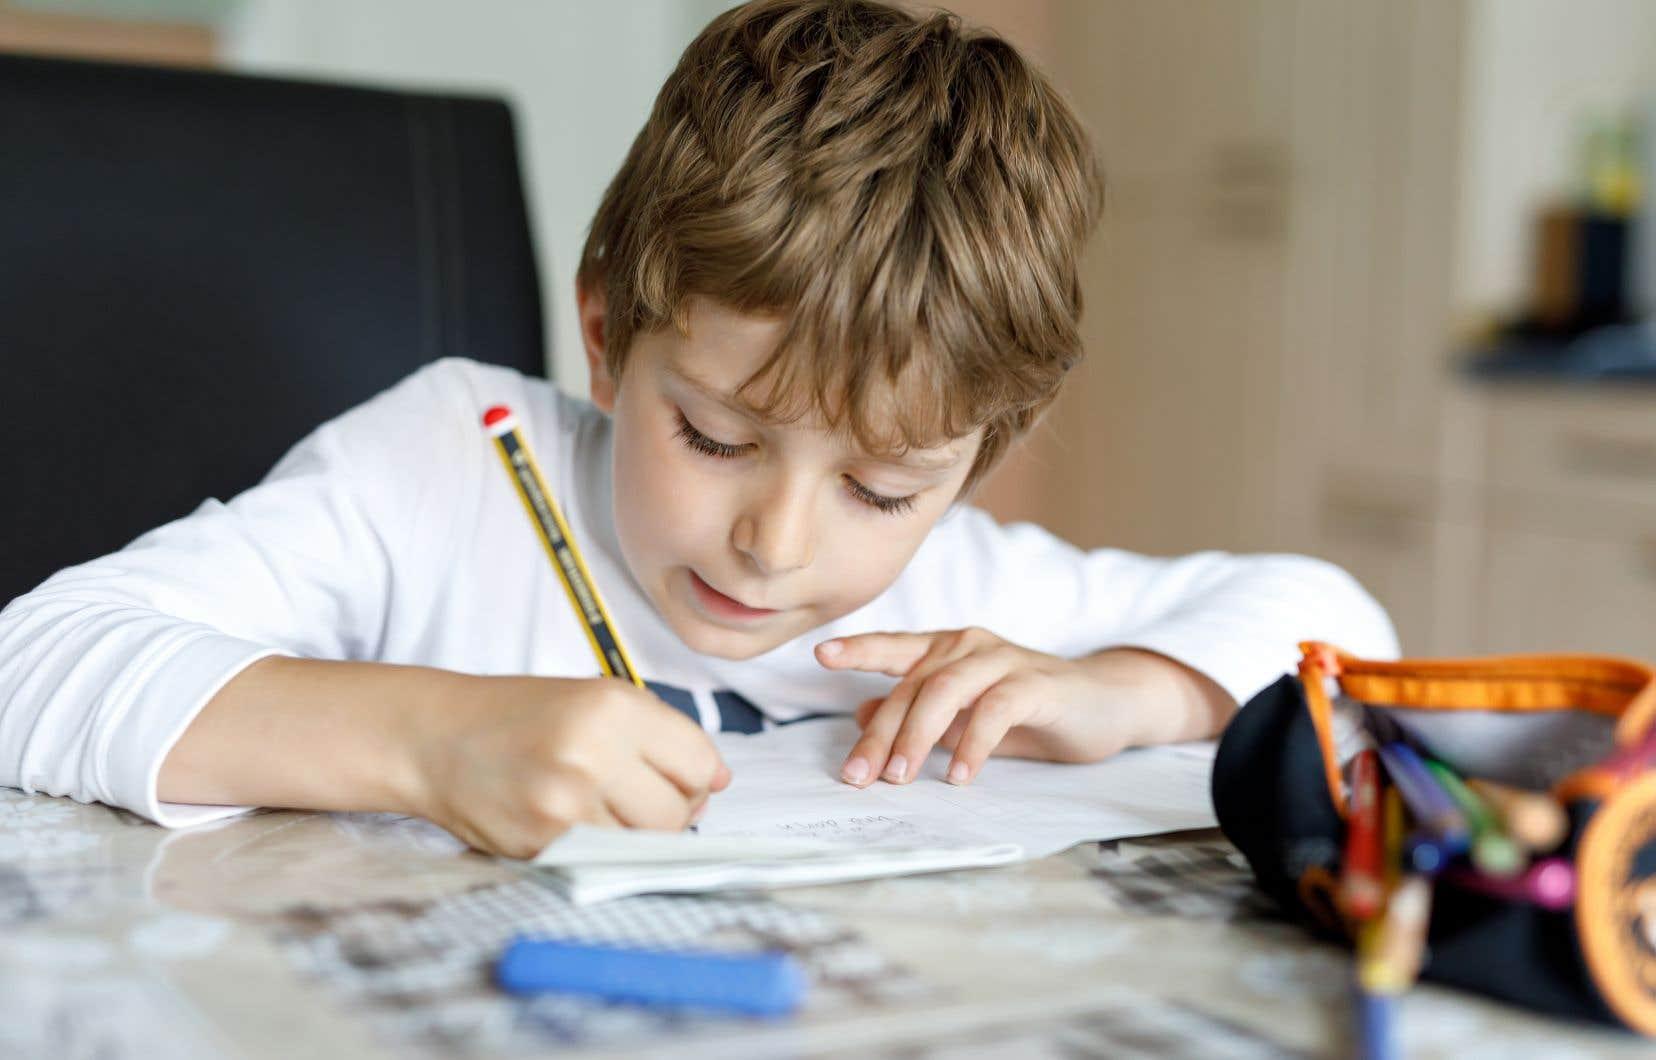 «Les familles qui font l'enseignement hors de l'école participent activement, quotidiennement et avec enthousiasme à la création, à l'enrichissement et au renouvellement de l'espace collectif», rappellent les auteurs.